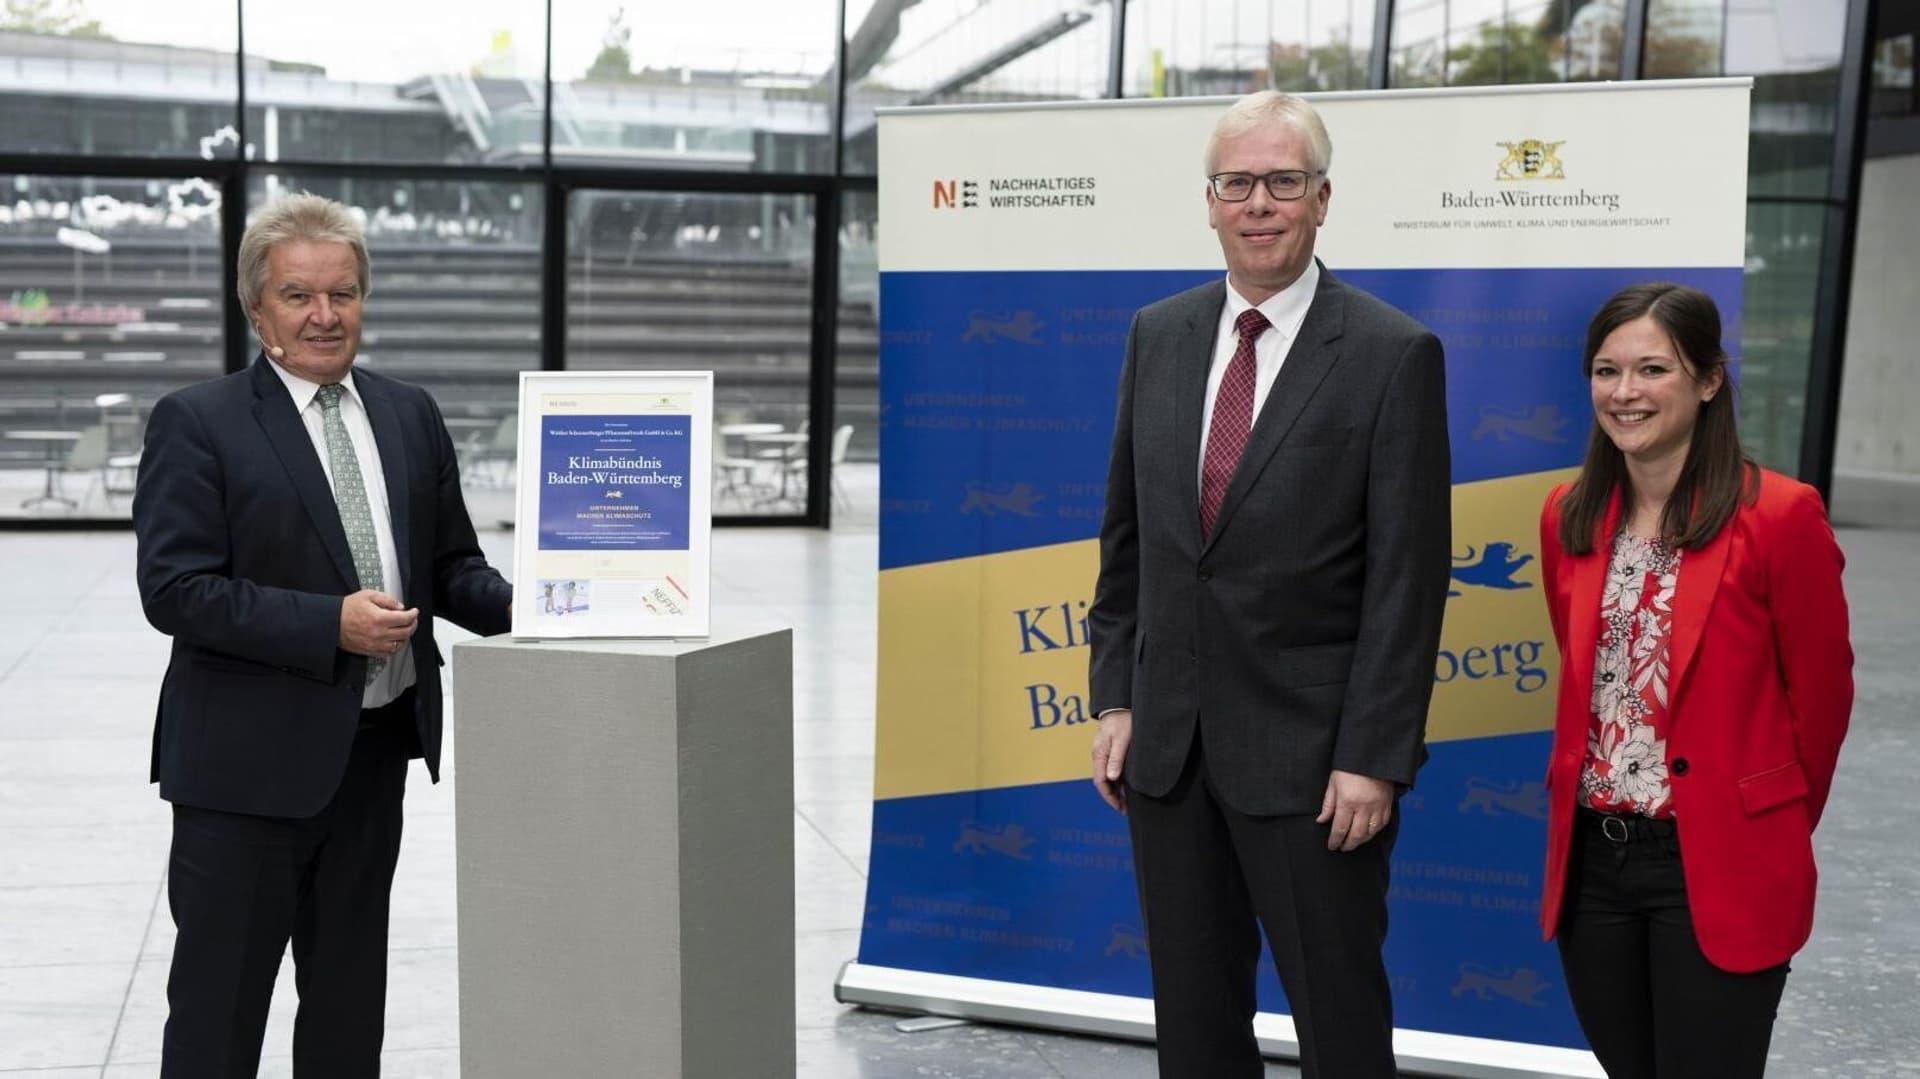 Umweltminister Franz Untersteller (links) die Urkunde an Dr. Thilo Haßler (Leiter Wissenschaft Schoenenberger) und Cassandra Heimgartner (Nachhaltigkeitsbeauftragte Schoenenberger)